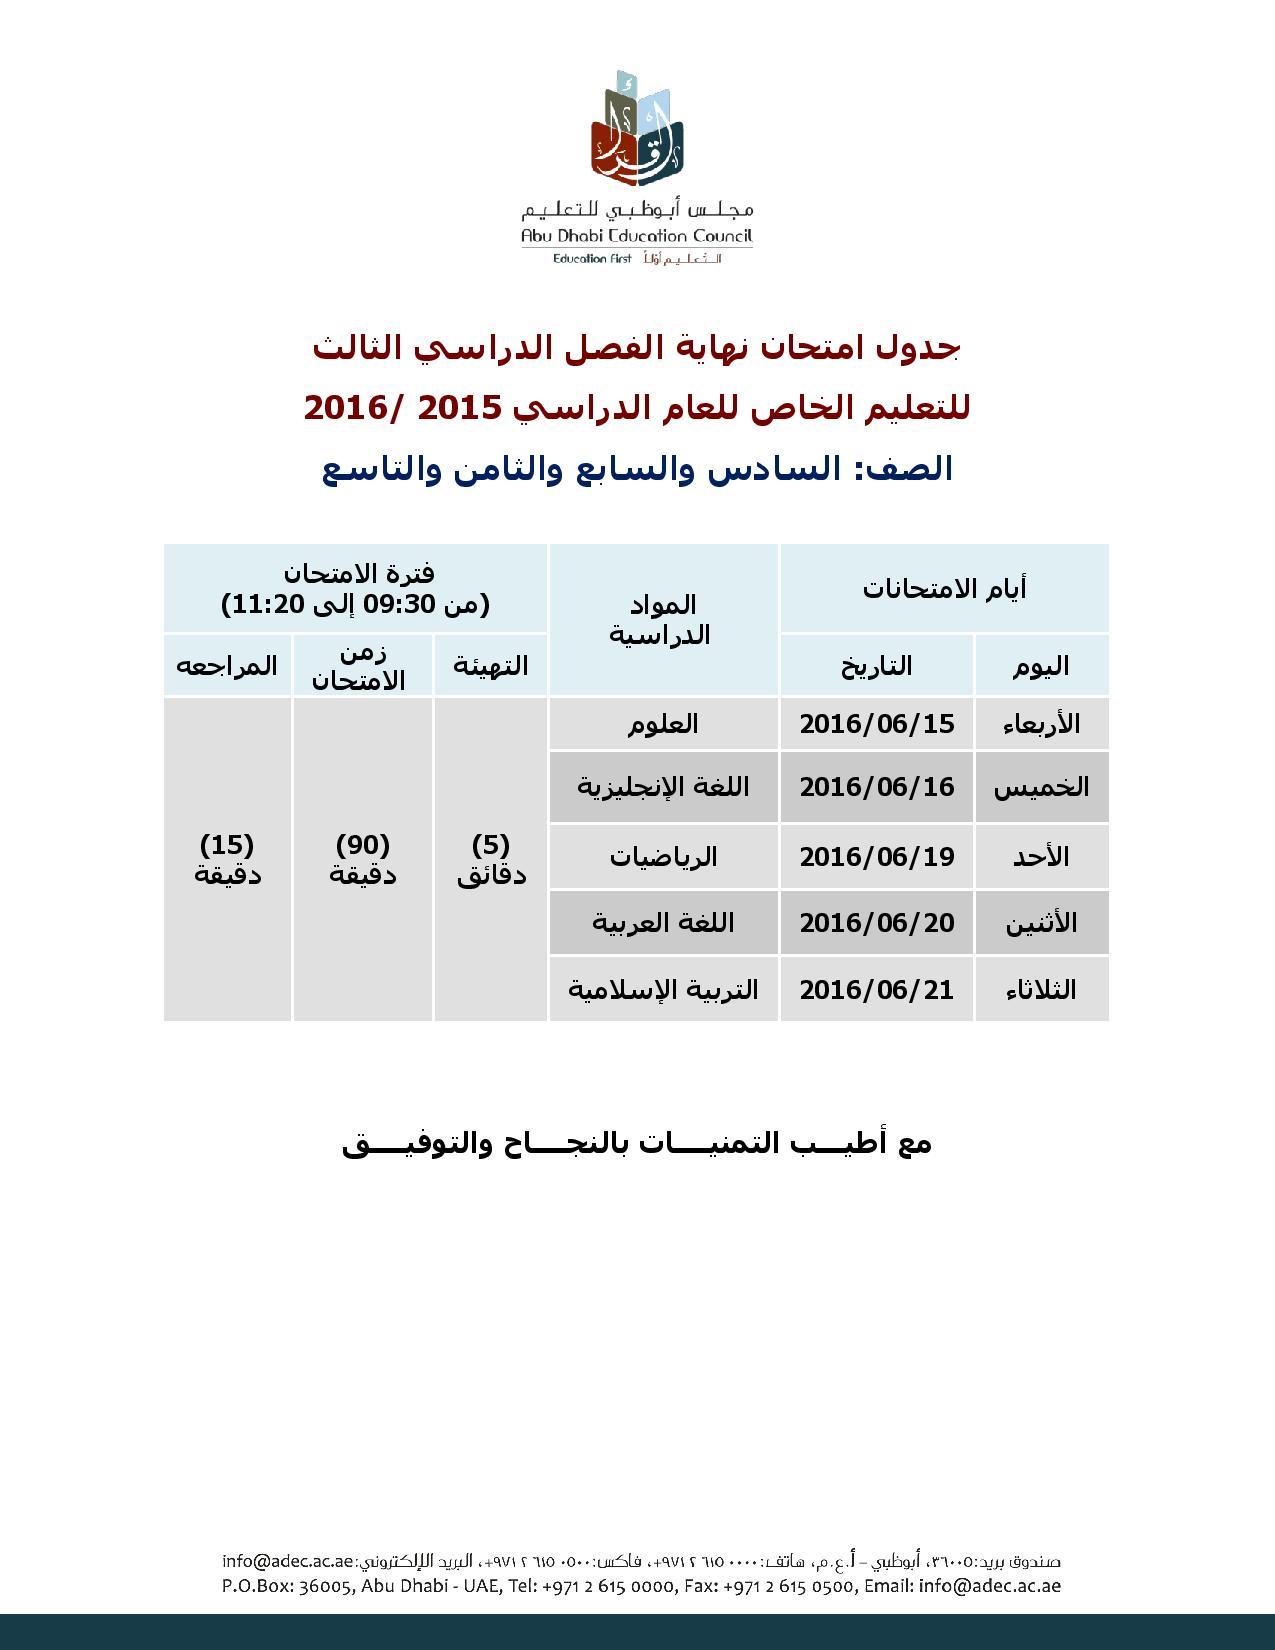 جدول الصف السادس والسابع والثامن والتاسع الفصل الثالث 2016